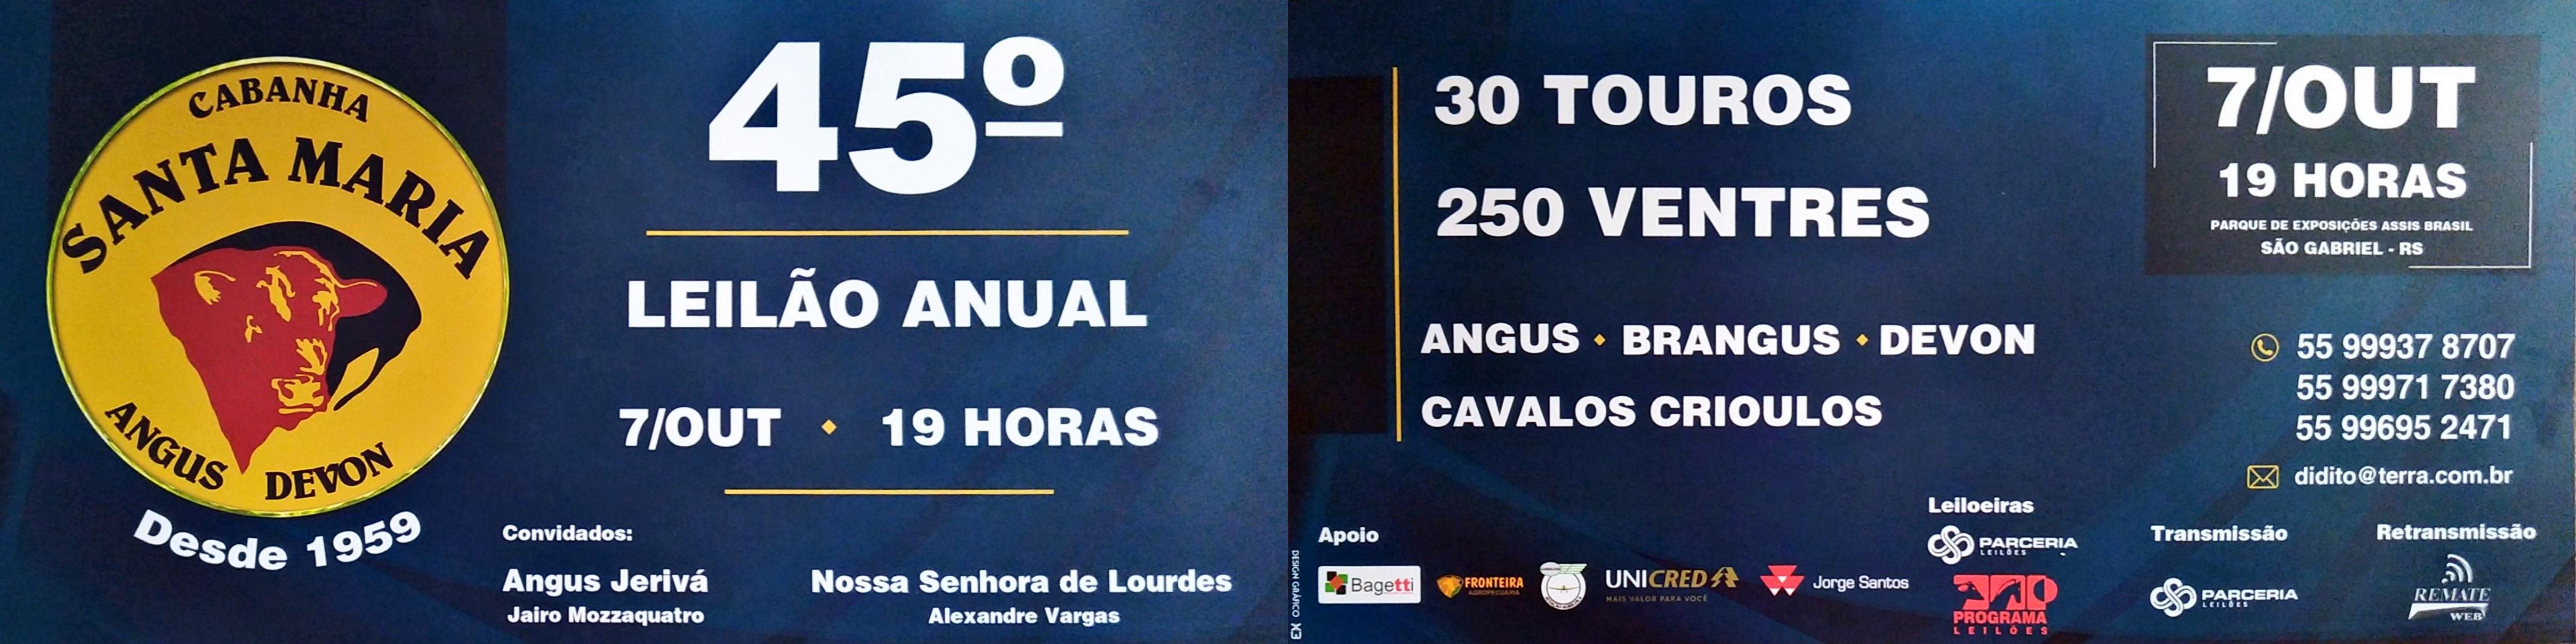 Prestigie o 45º Remate da Cabanha Santa Maria, em 7 de outubro, durante a 85ª Expofeira de São Gabriel